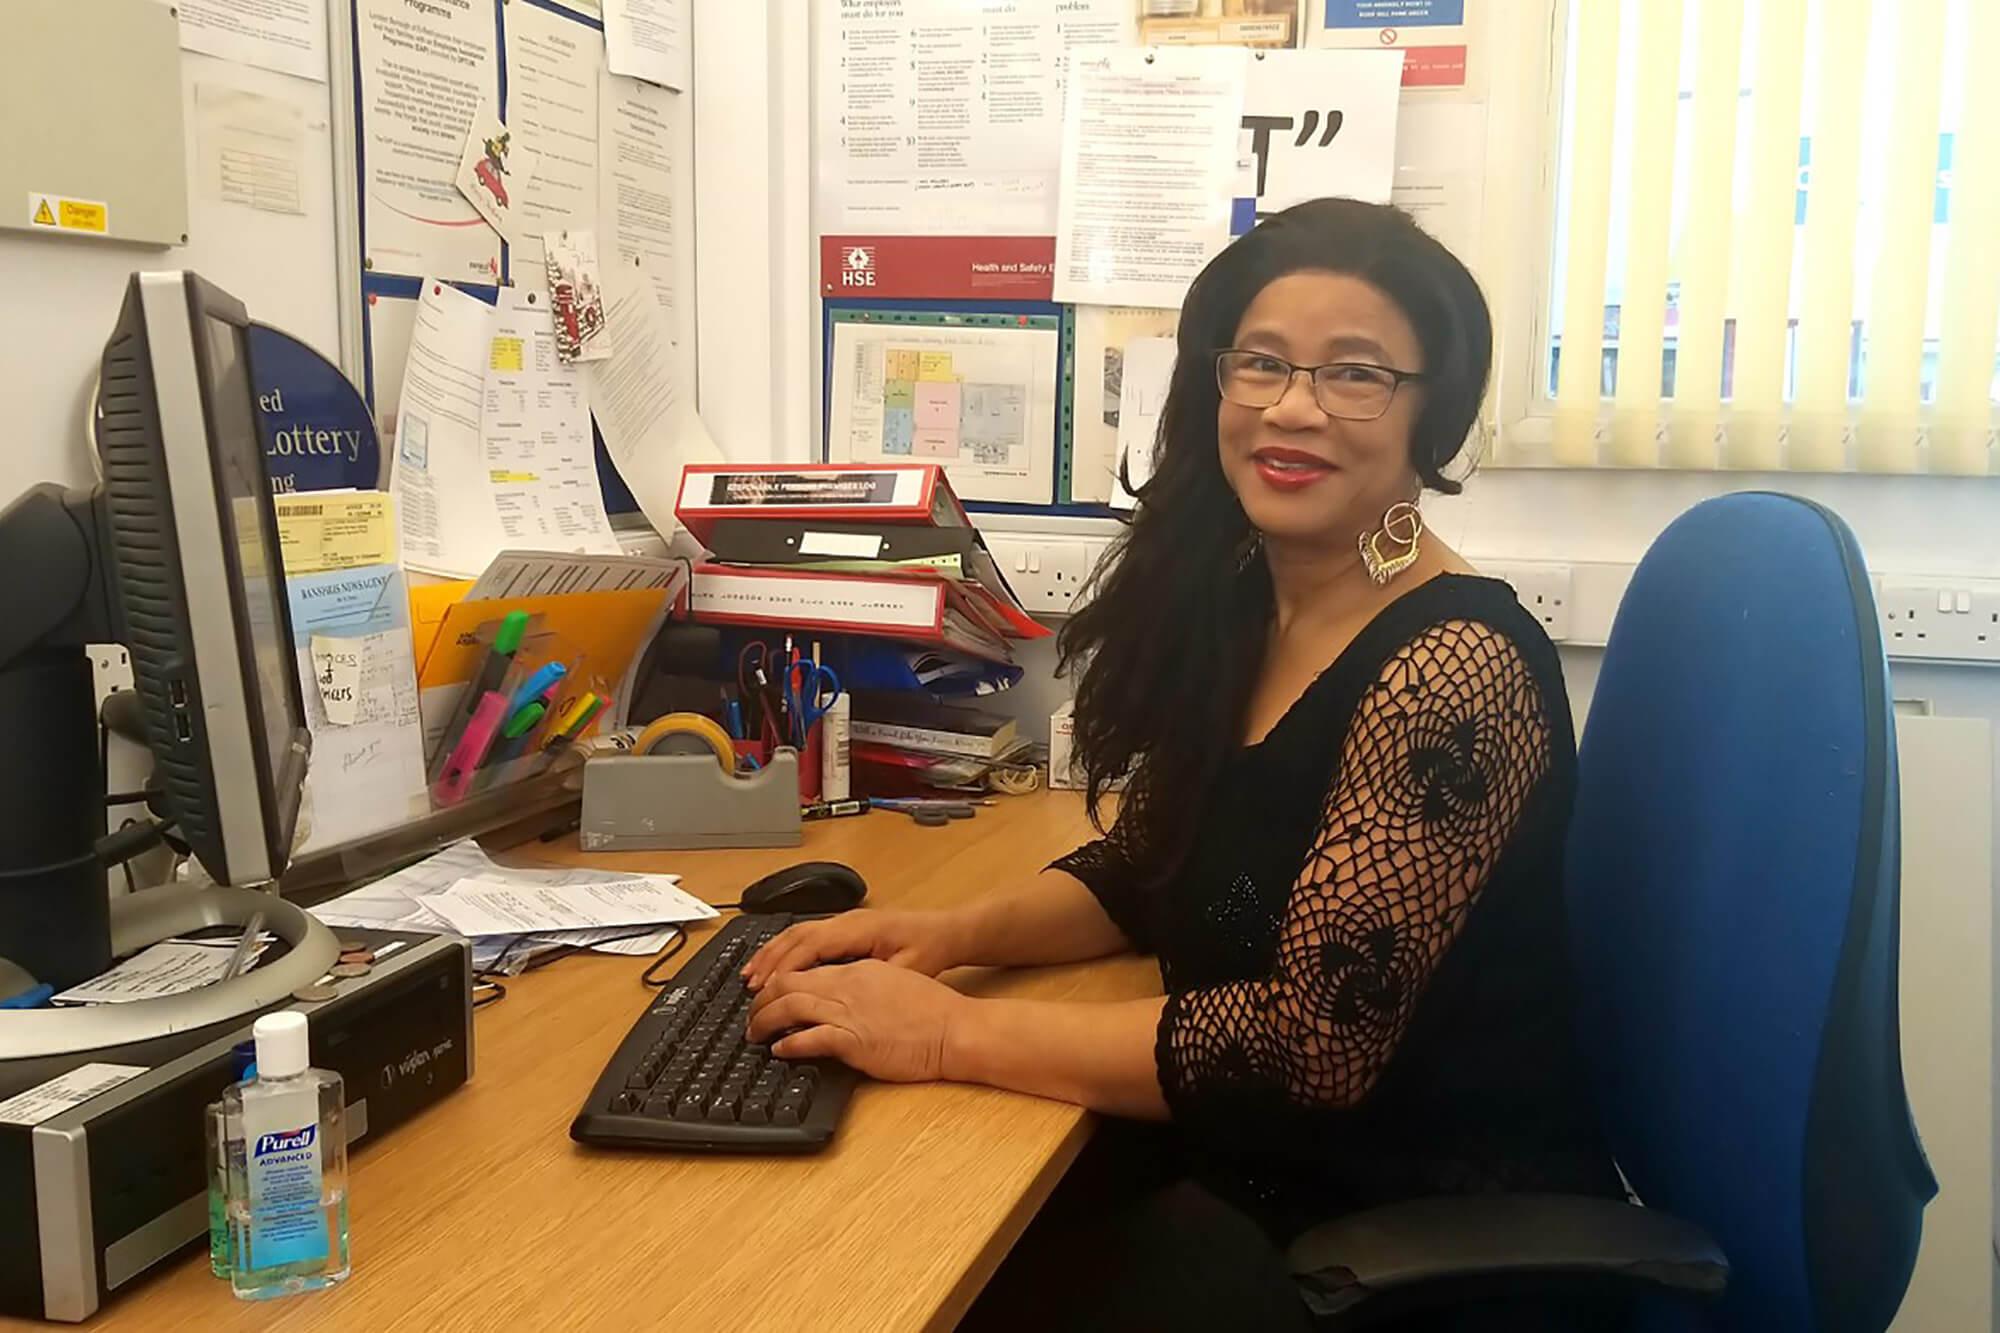 Online student Jackie Ingram sat at her desk working